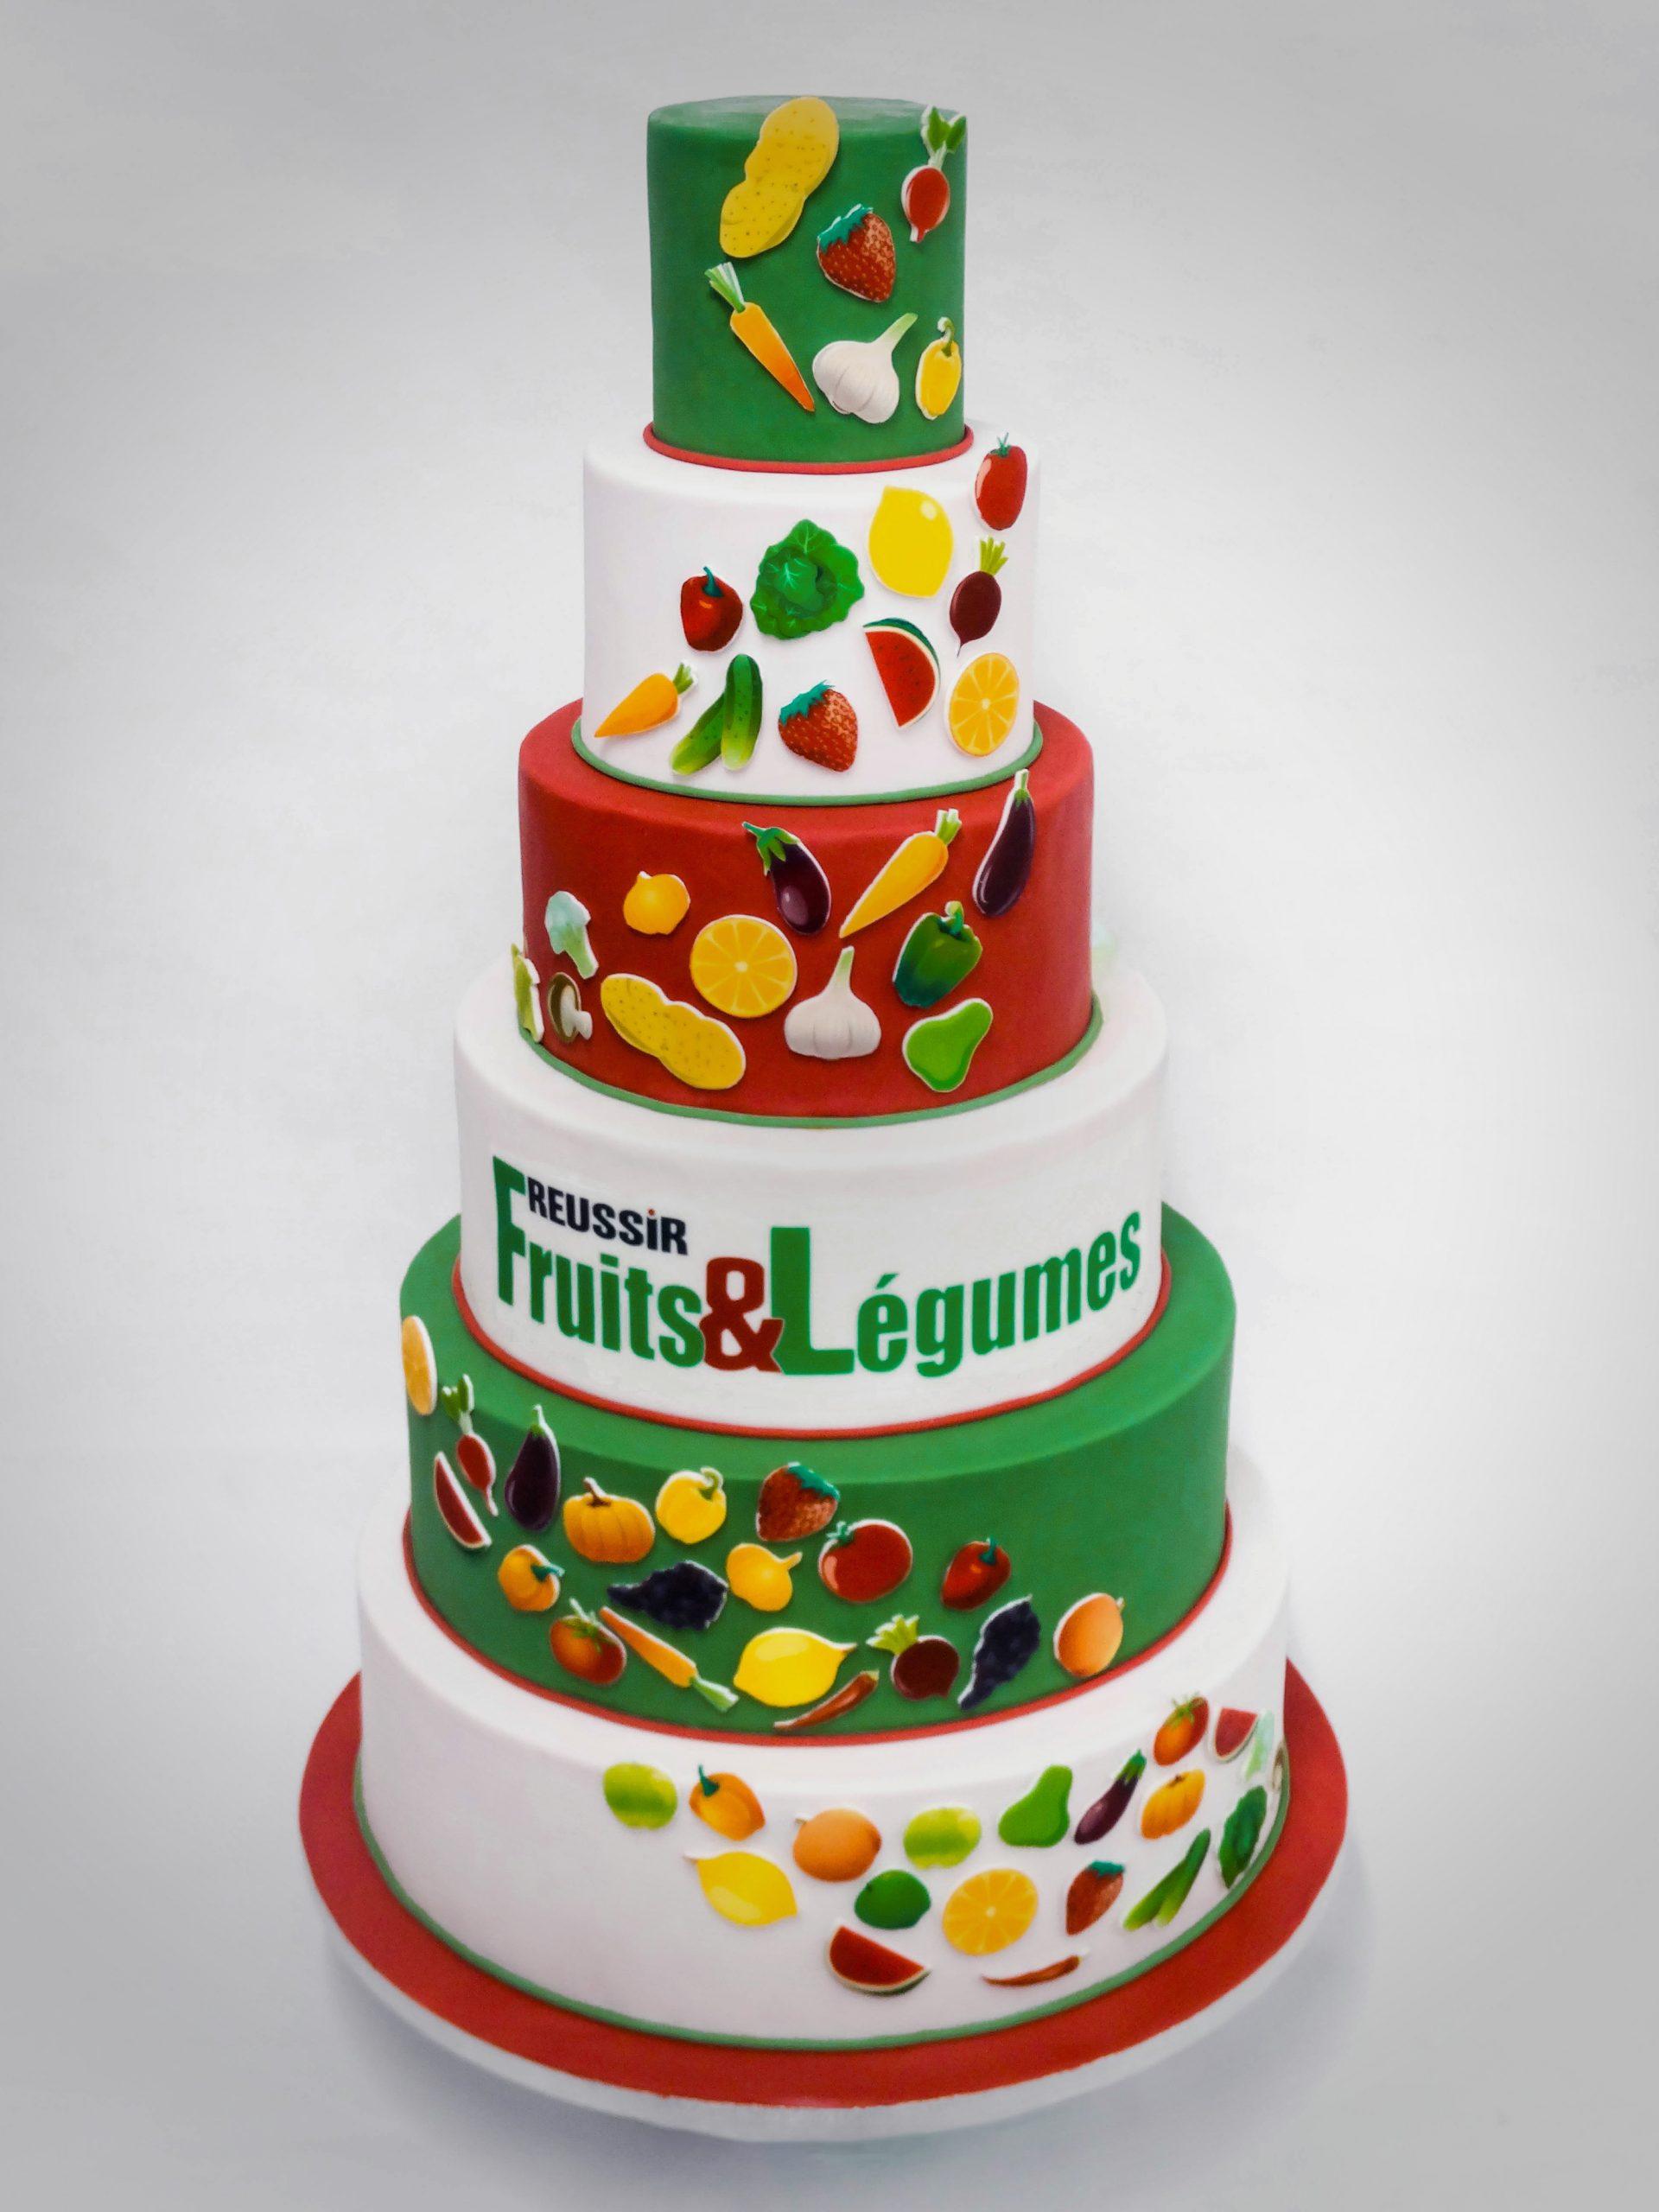 Anniversaire<br>Réussir Fruits & Légumes